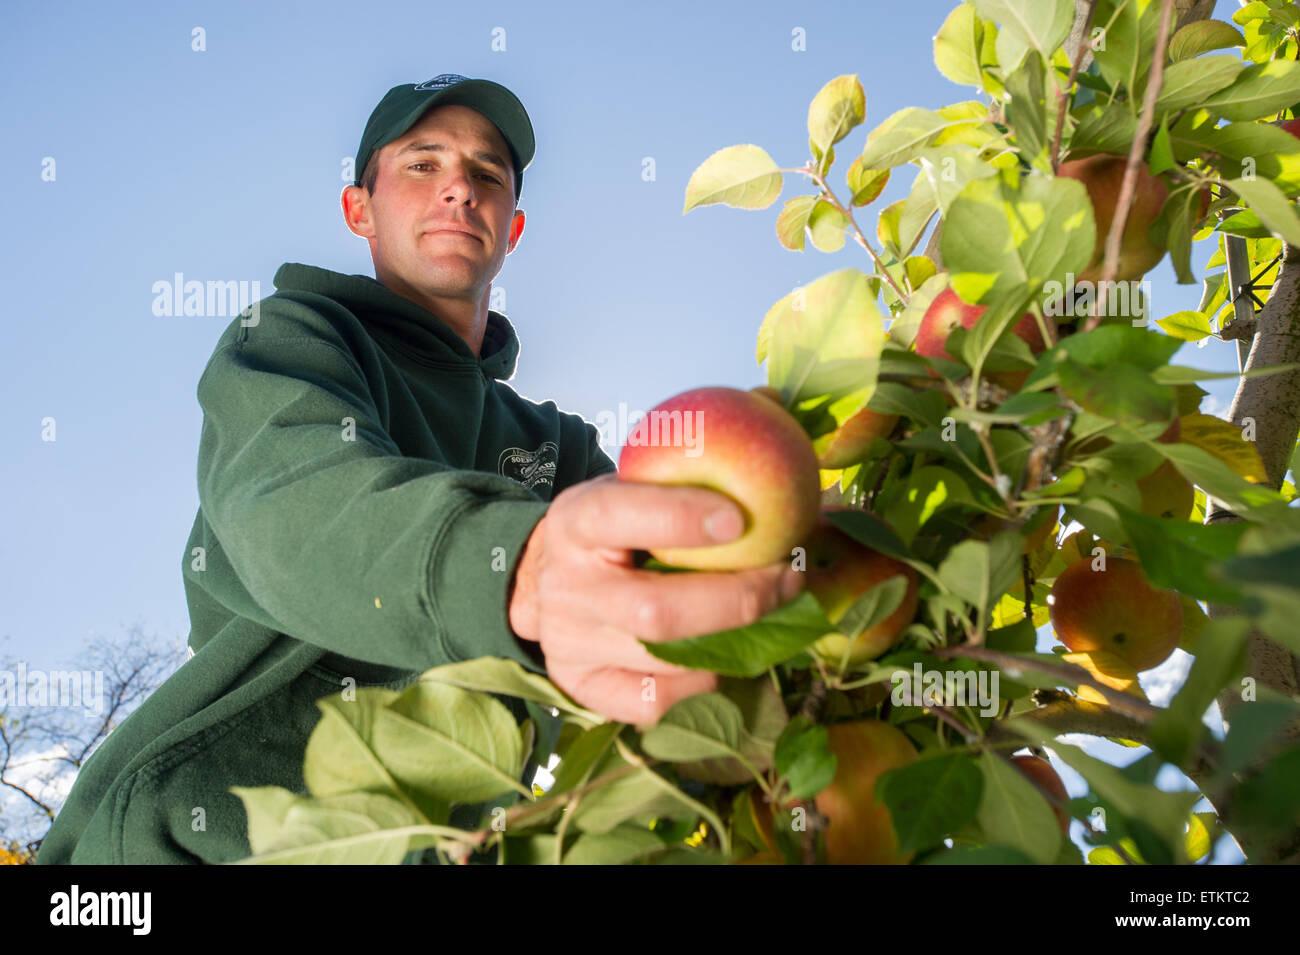 Agricoltore controllare le mele in un Apple orchard a Wexford, Pennsylvania, STATI UNITI D'AMERICA Immagini Stock